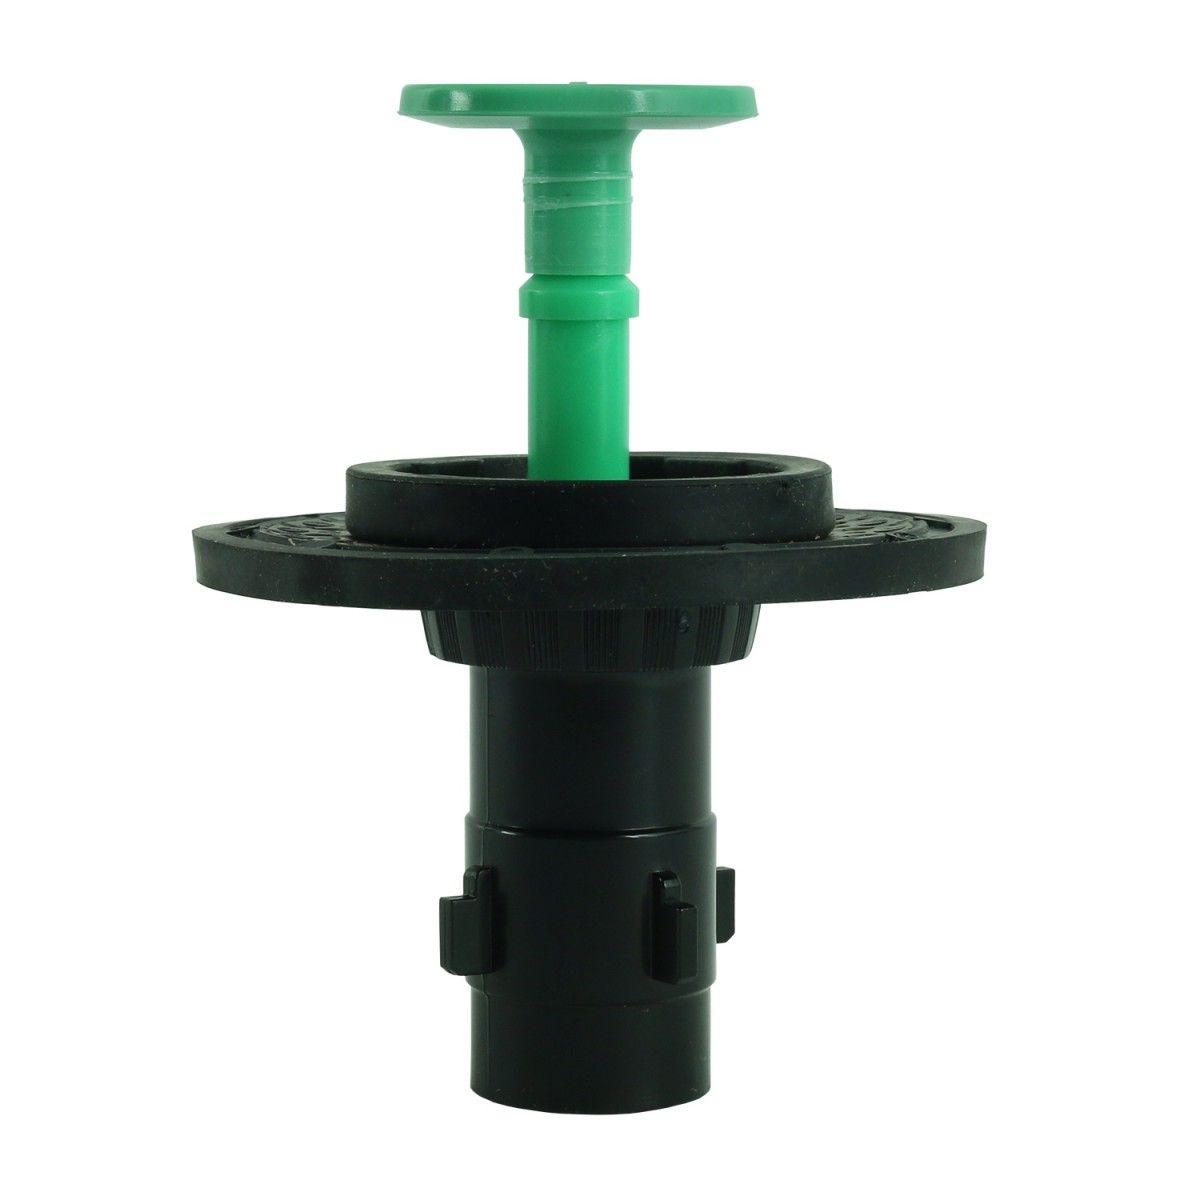 6 Pack Flushline Replacement Sloan 3301041 A 41 A 1 6 Gpf Flushometer Drop In Repair Kit In 2020 Toilet Repair Plumbing Repair Repair